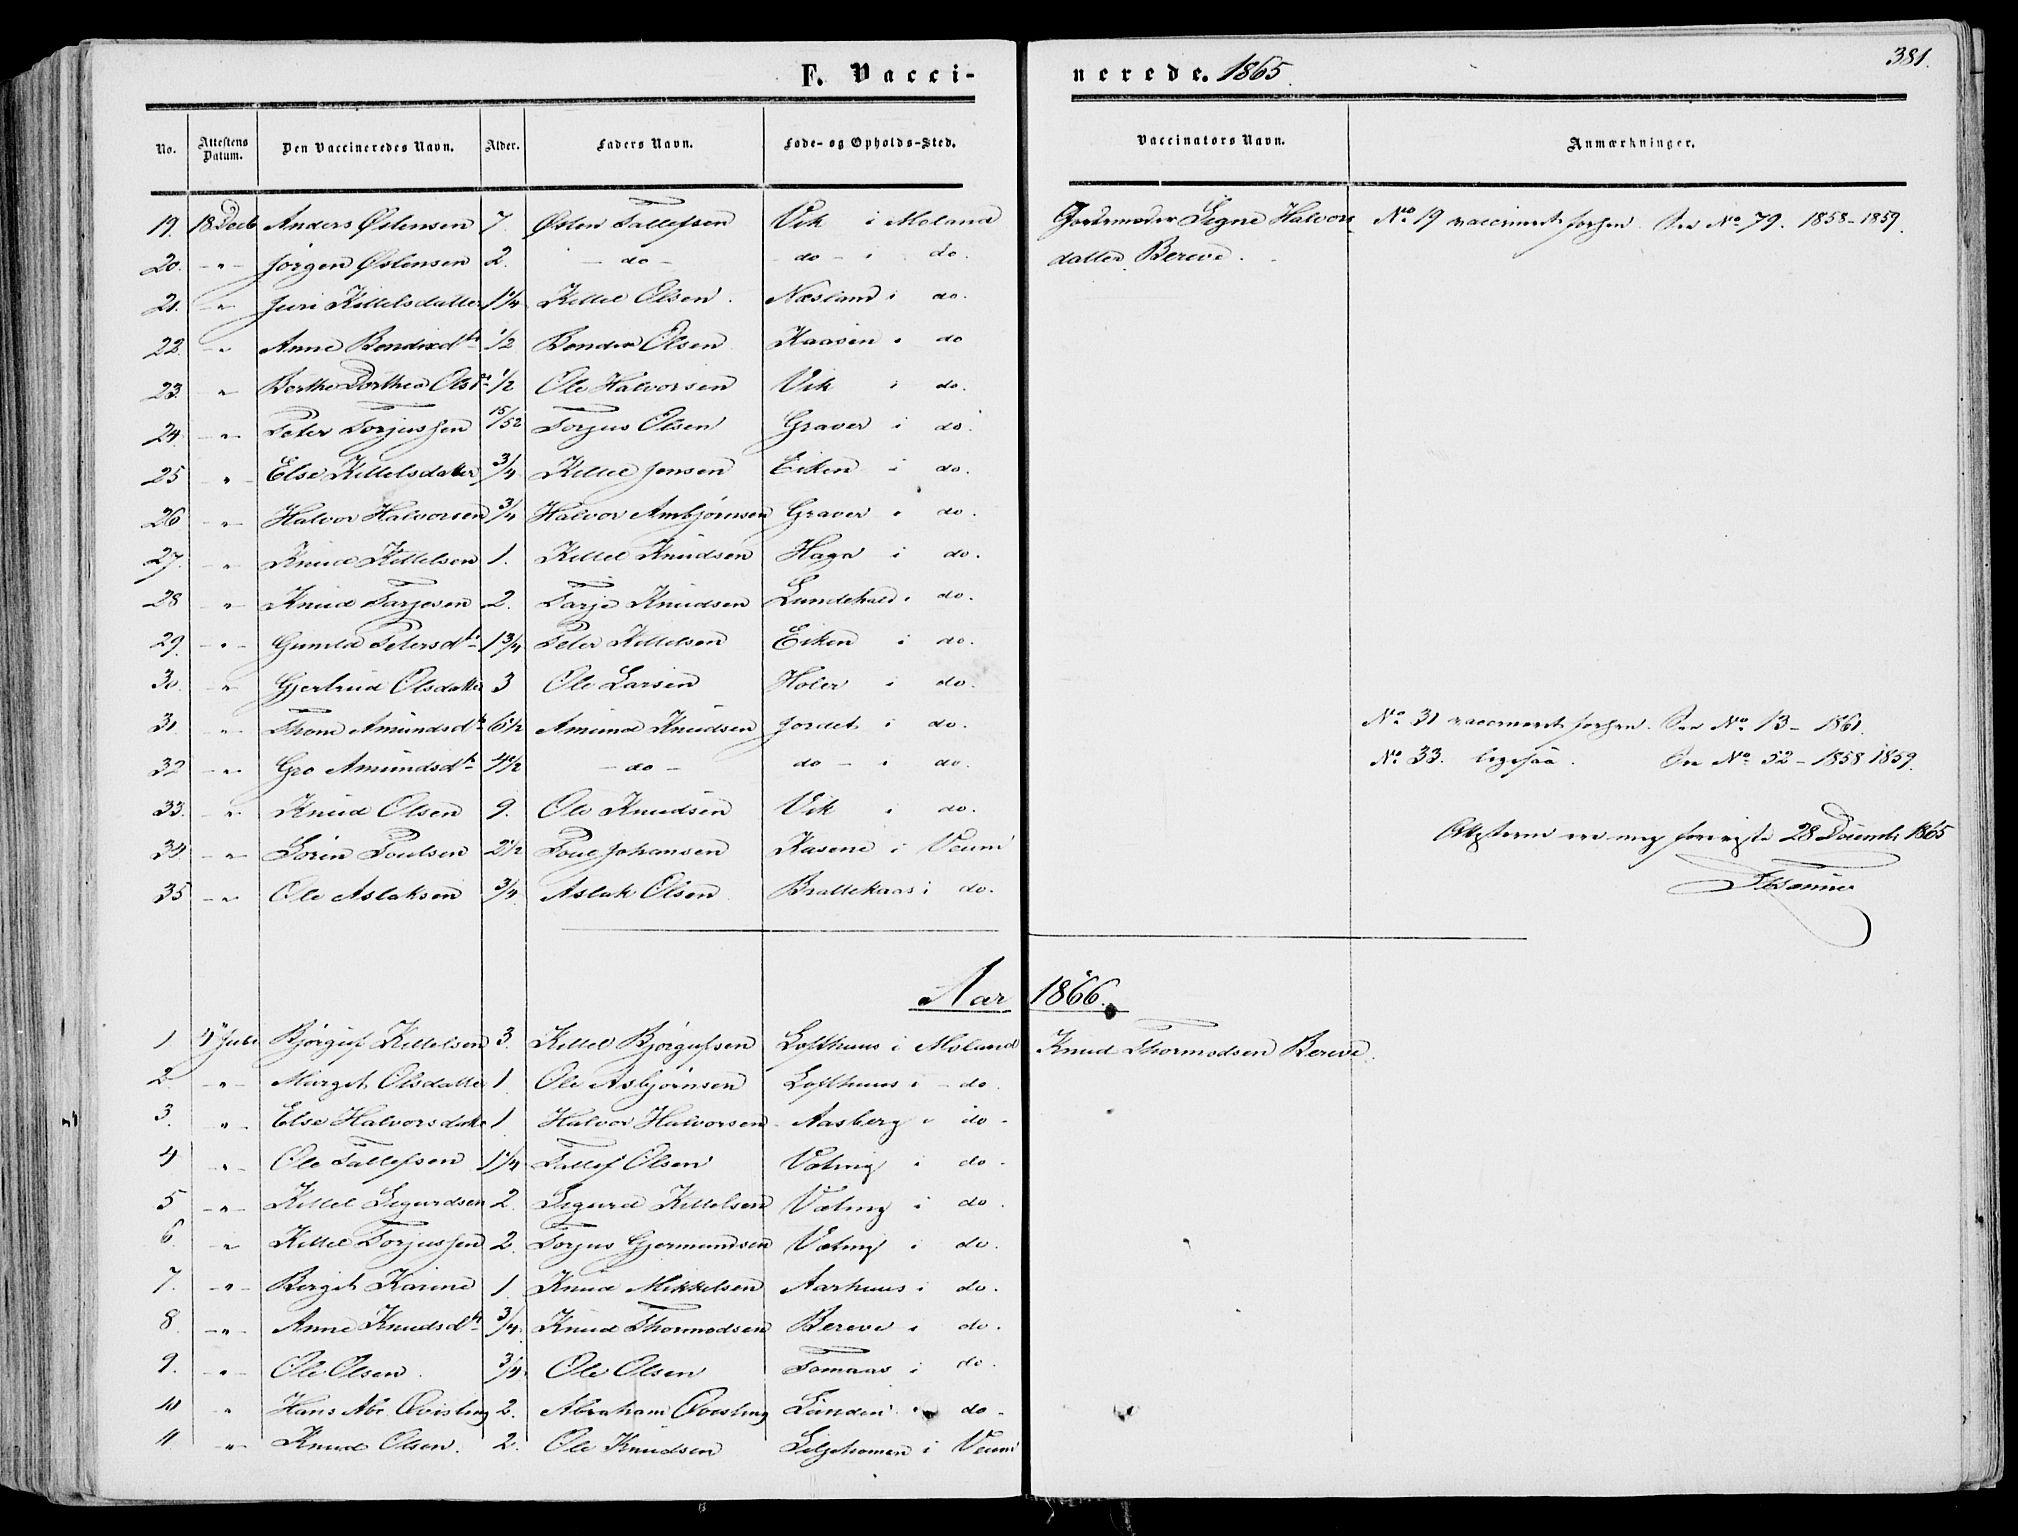 SAKO, Fyresdal kirkebøker, F/Fa/L0005: Ministerialbok nr. I 5, 1855-1871, s. 381